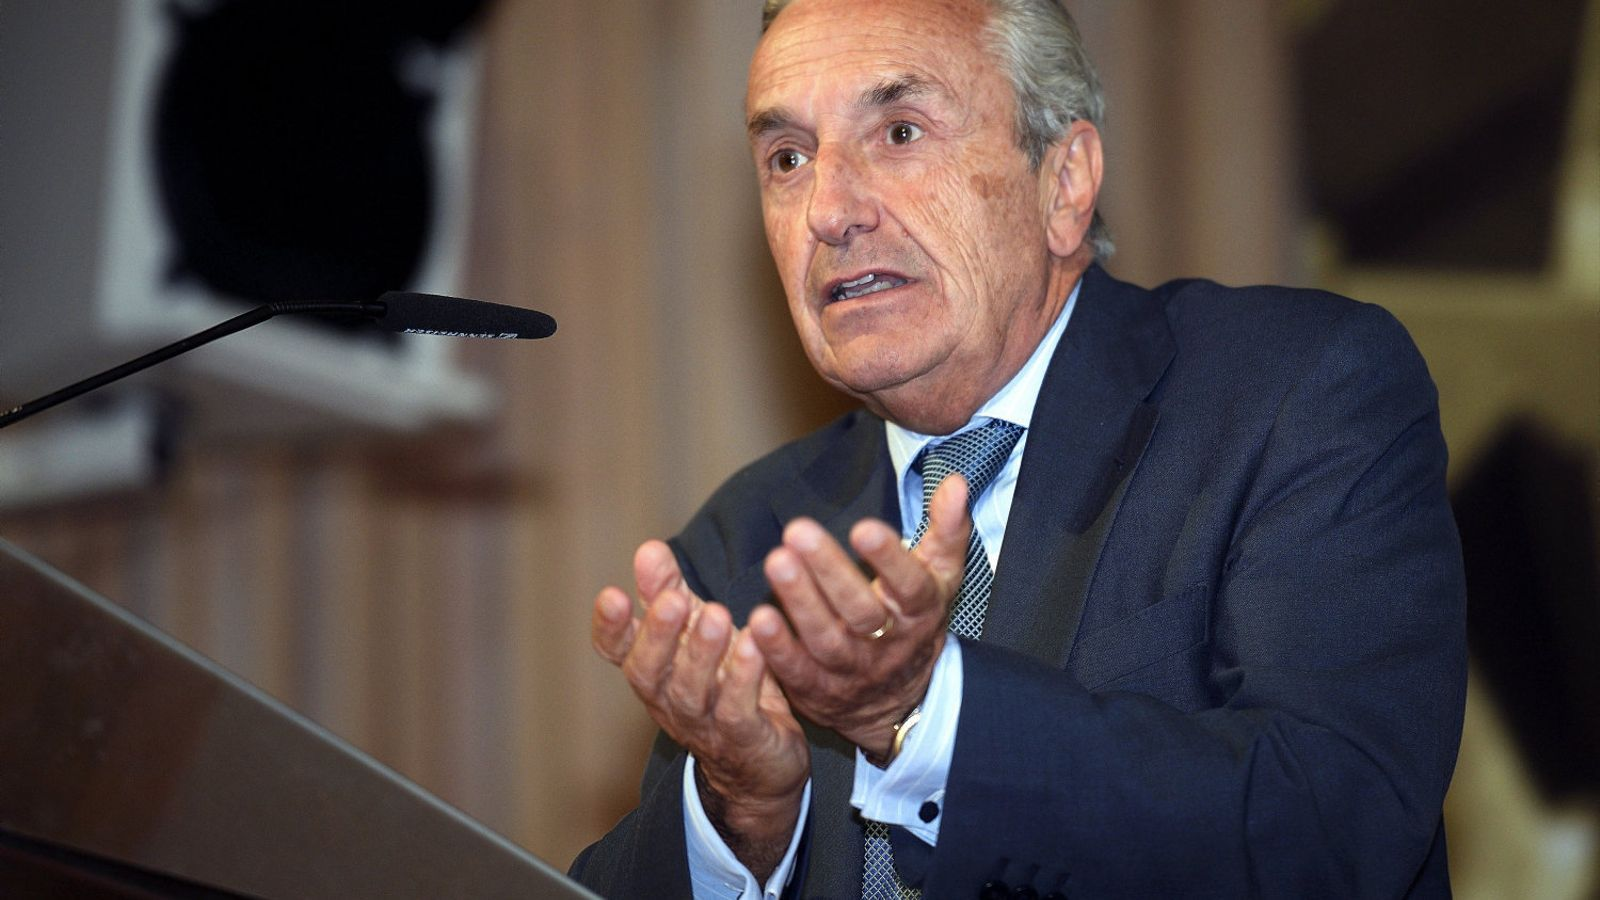 El president de la CNMC va carregar contra la nova divisió de l'organisme i va reivindicar noves competències per a l'entitat.